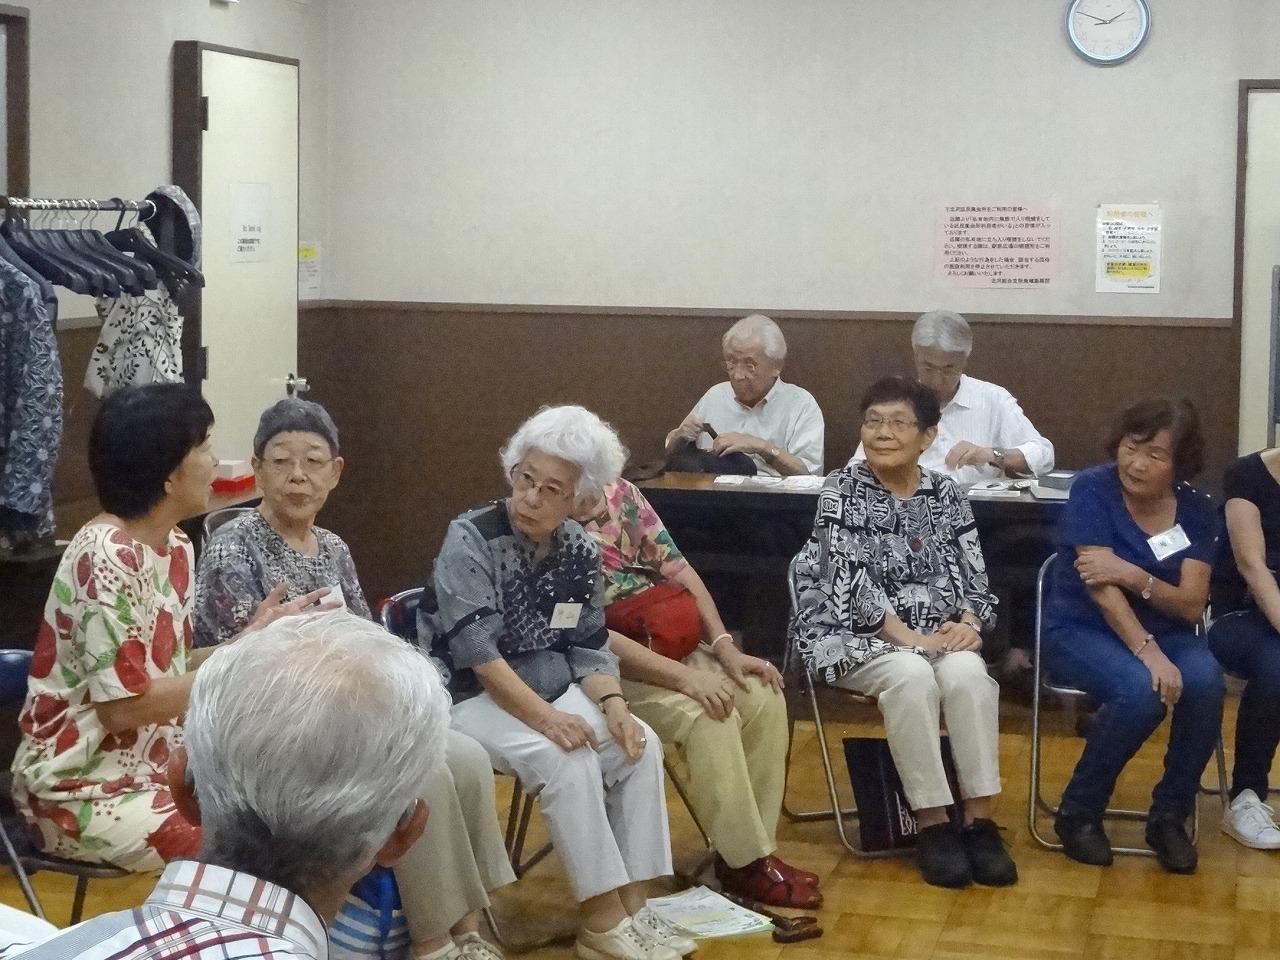 101-3kitazawasalon